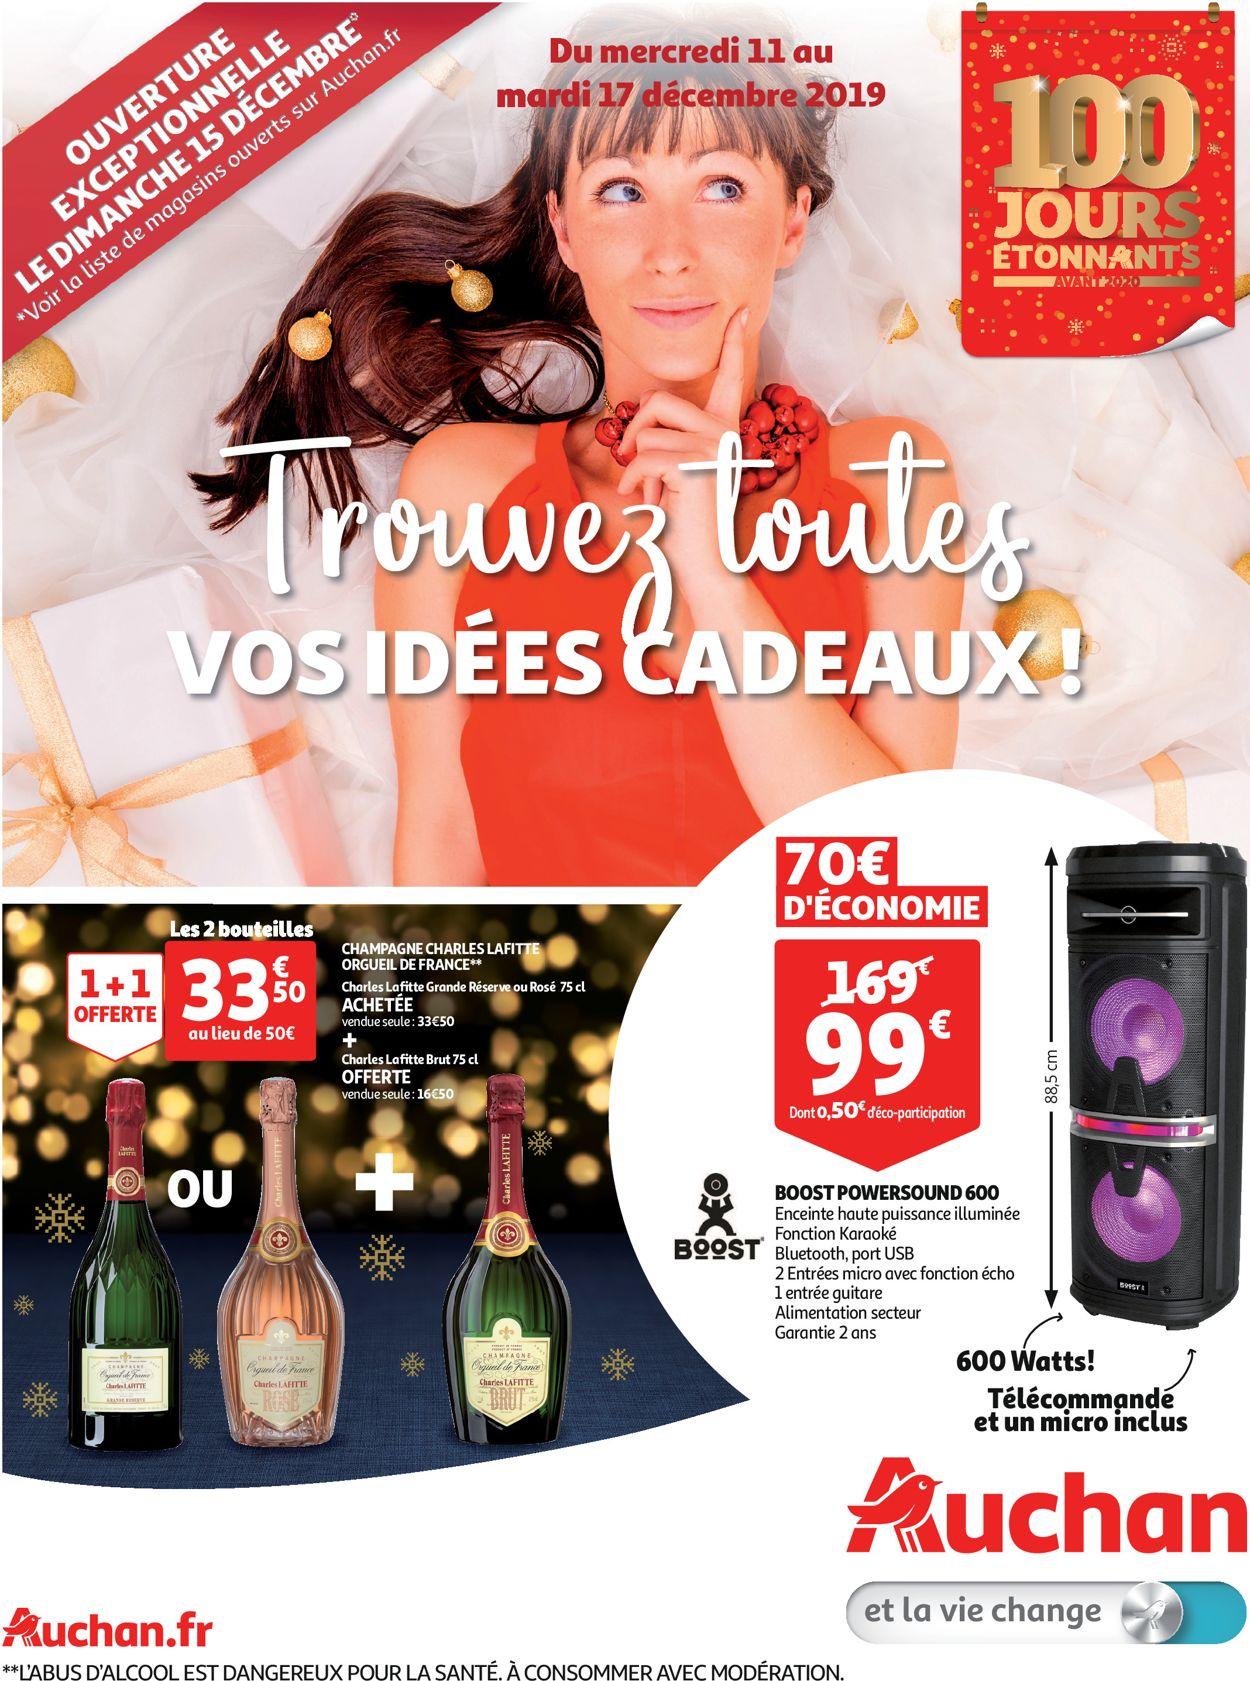 Auchan catalogue de Noël 2019 Catalogue - 11.12-17.12.2019